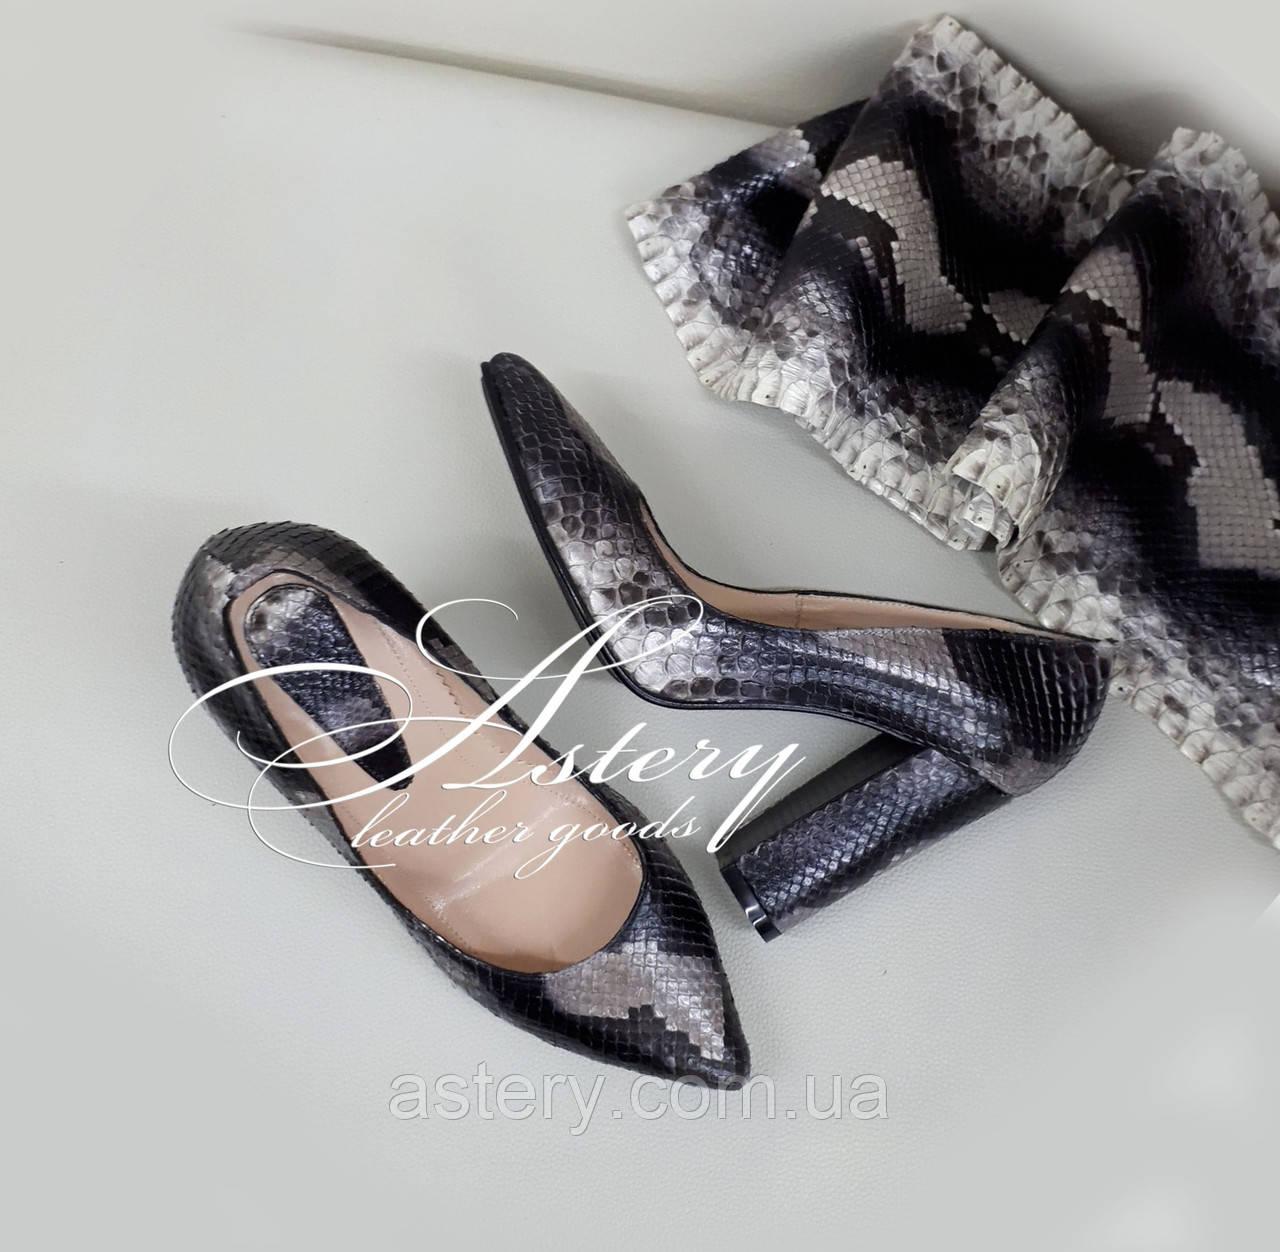 Жіночі сірі туфлі з пітона на товстому каблуці